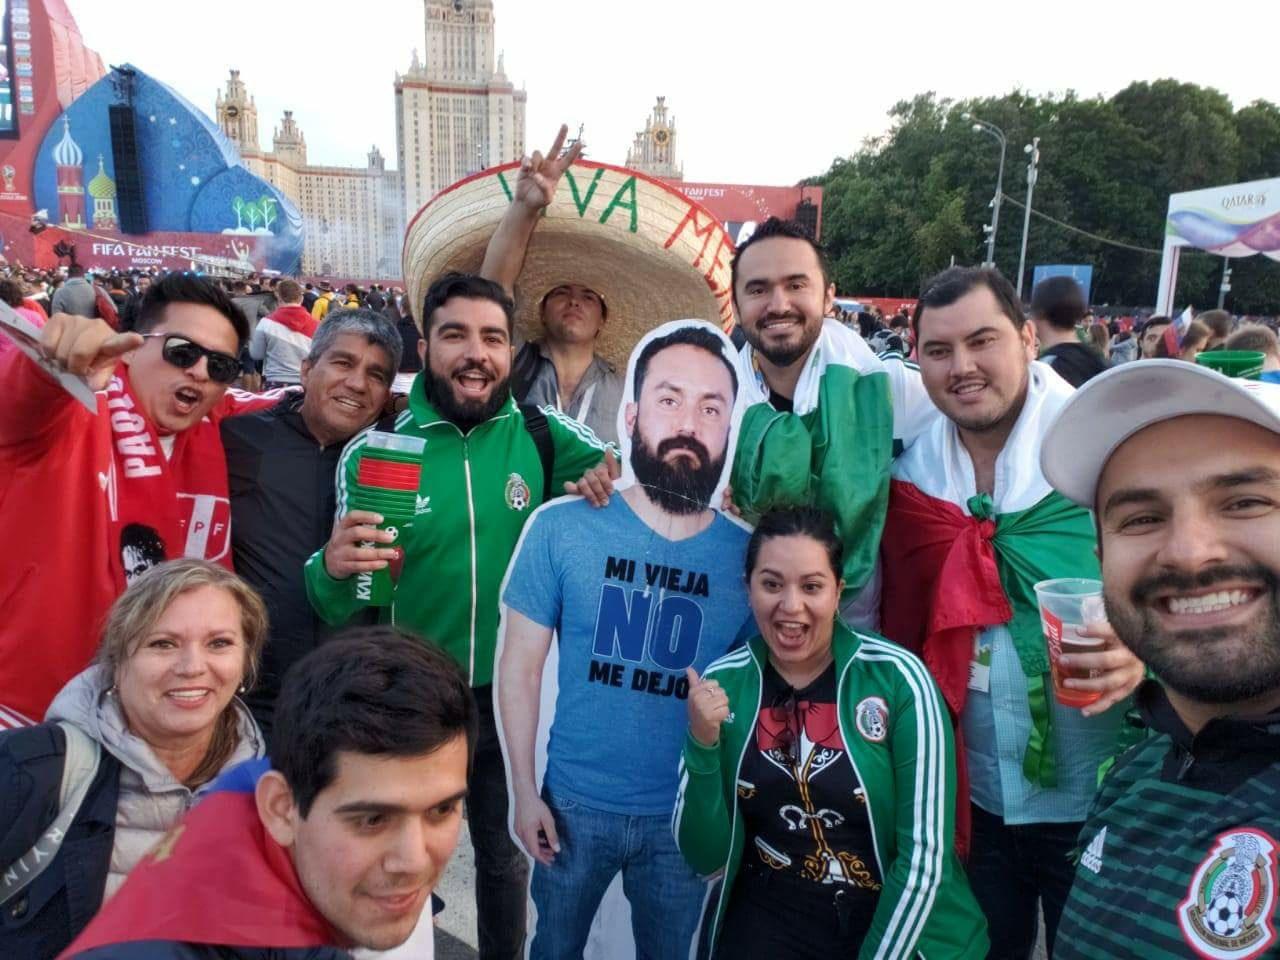 Mexicaan mag van vrouw niet naar WK vriendengroep verzint iets briljants 06